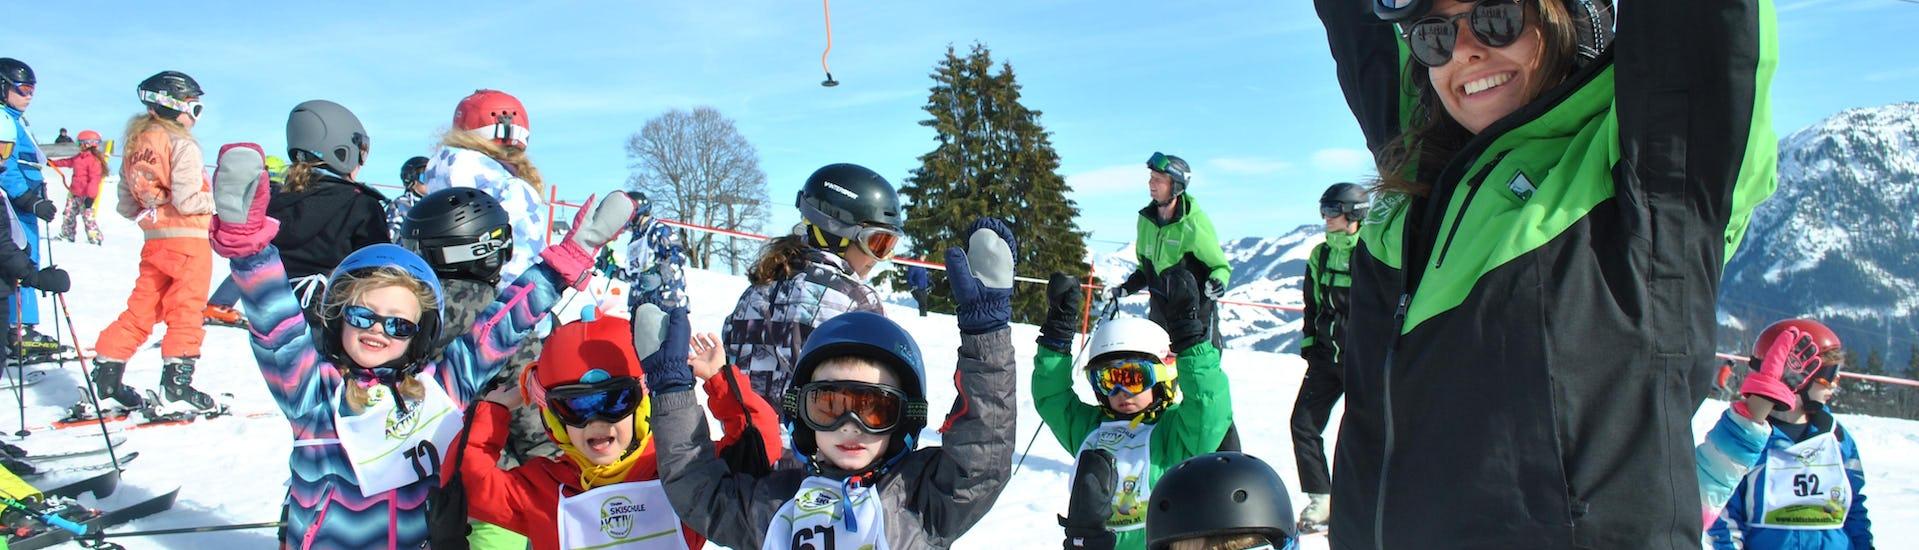 """Skikurs """"Bambini"""" für Kinder (3-4 Jahre) - Anfänger"""